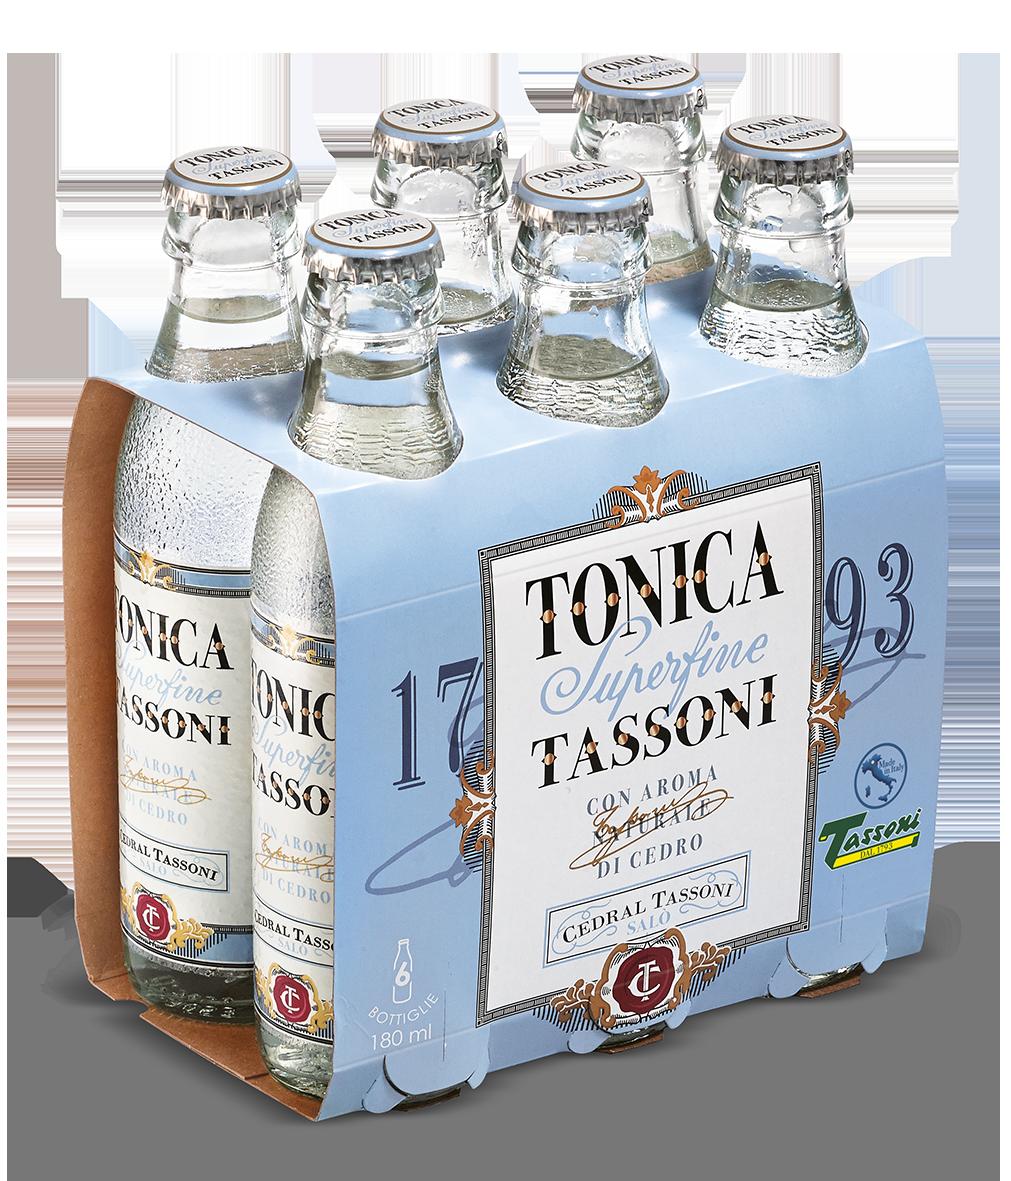 Tonica Superfine Tassoni con aroma naturale di Cedro